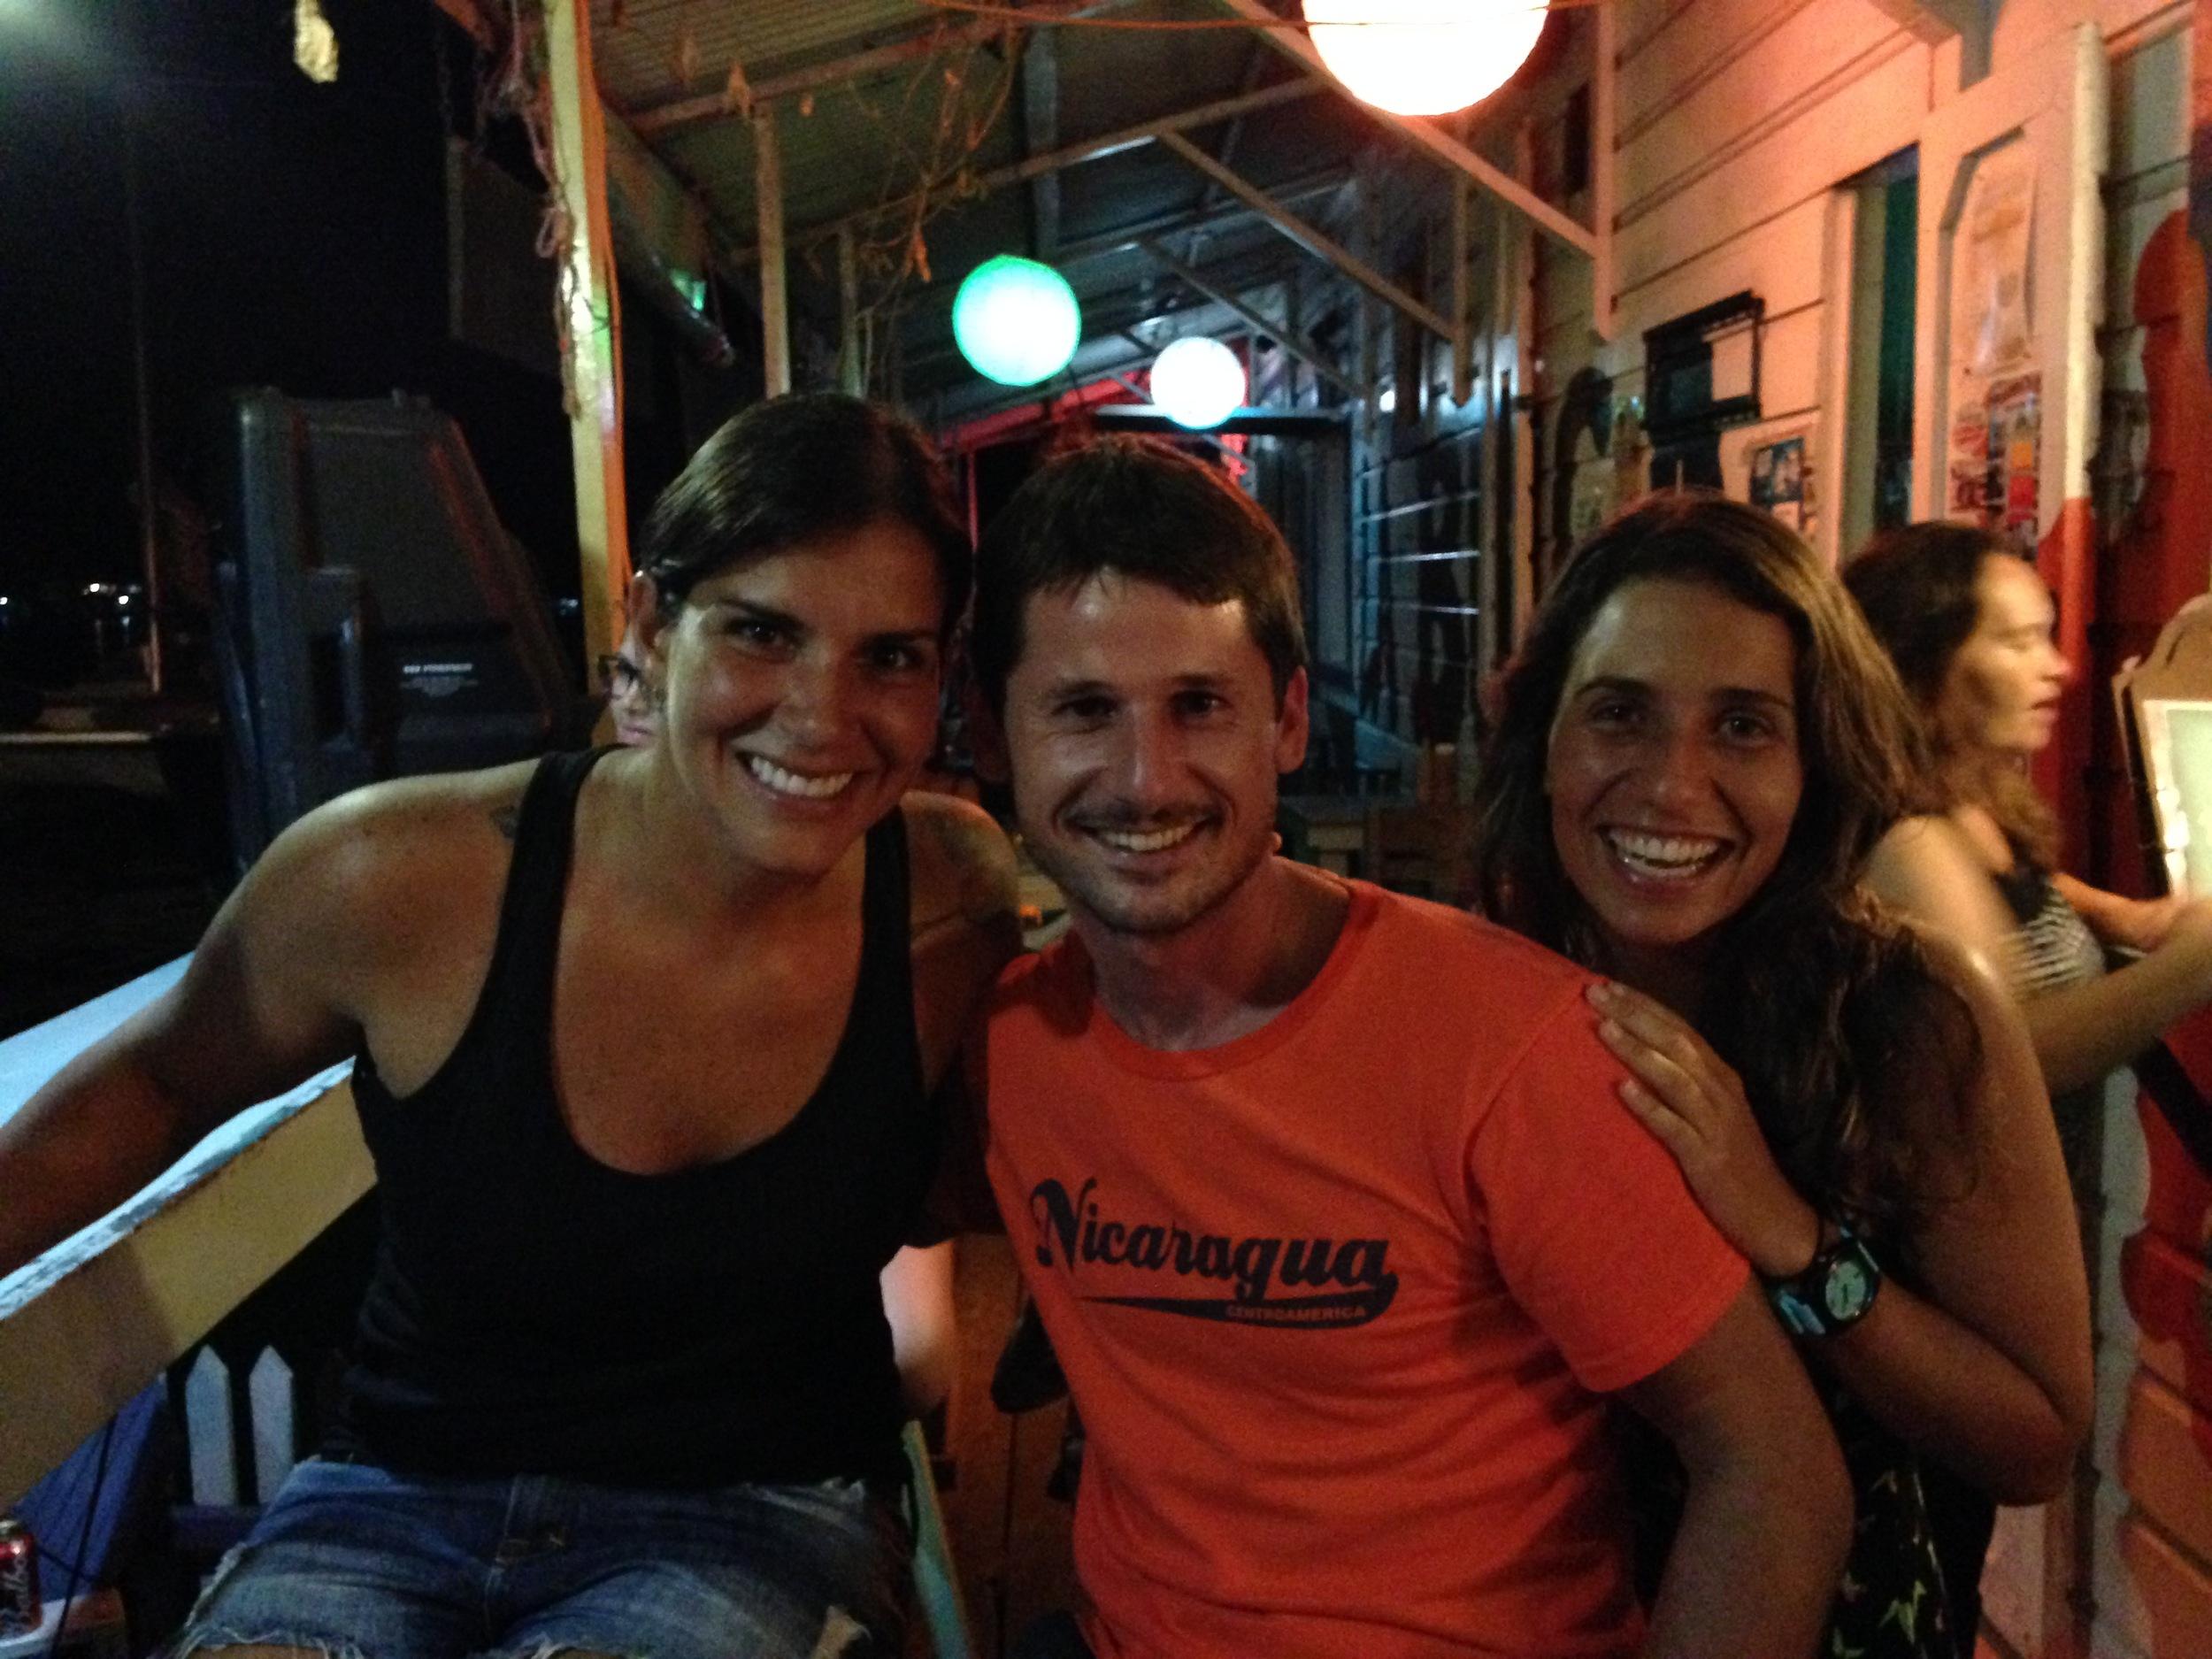 Lembra do menino ao meu lado no barquinho? Olha ele aí e detalhe: com a mesma camisa! Encontramos o Messi em Bocas del Toro, mas ele responde por Lucas, pra disfarçar e despistar os fãs. Nossa última noite no Panamá!